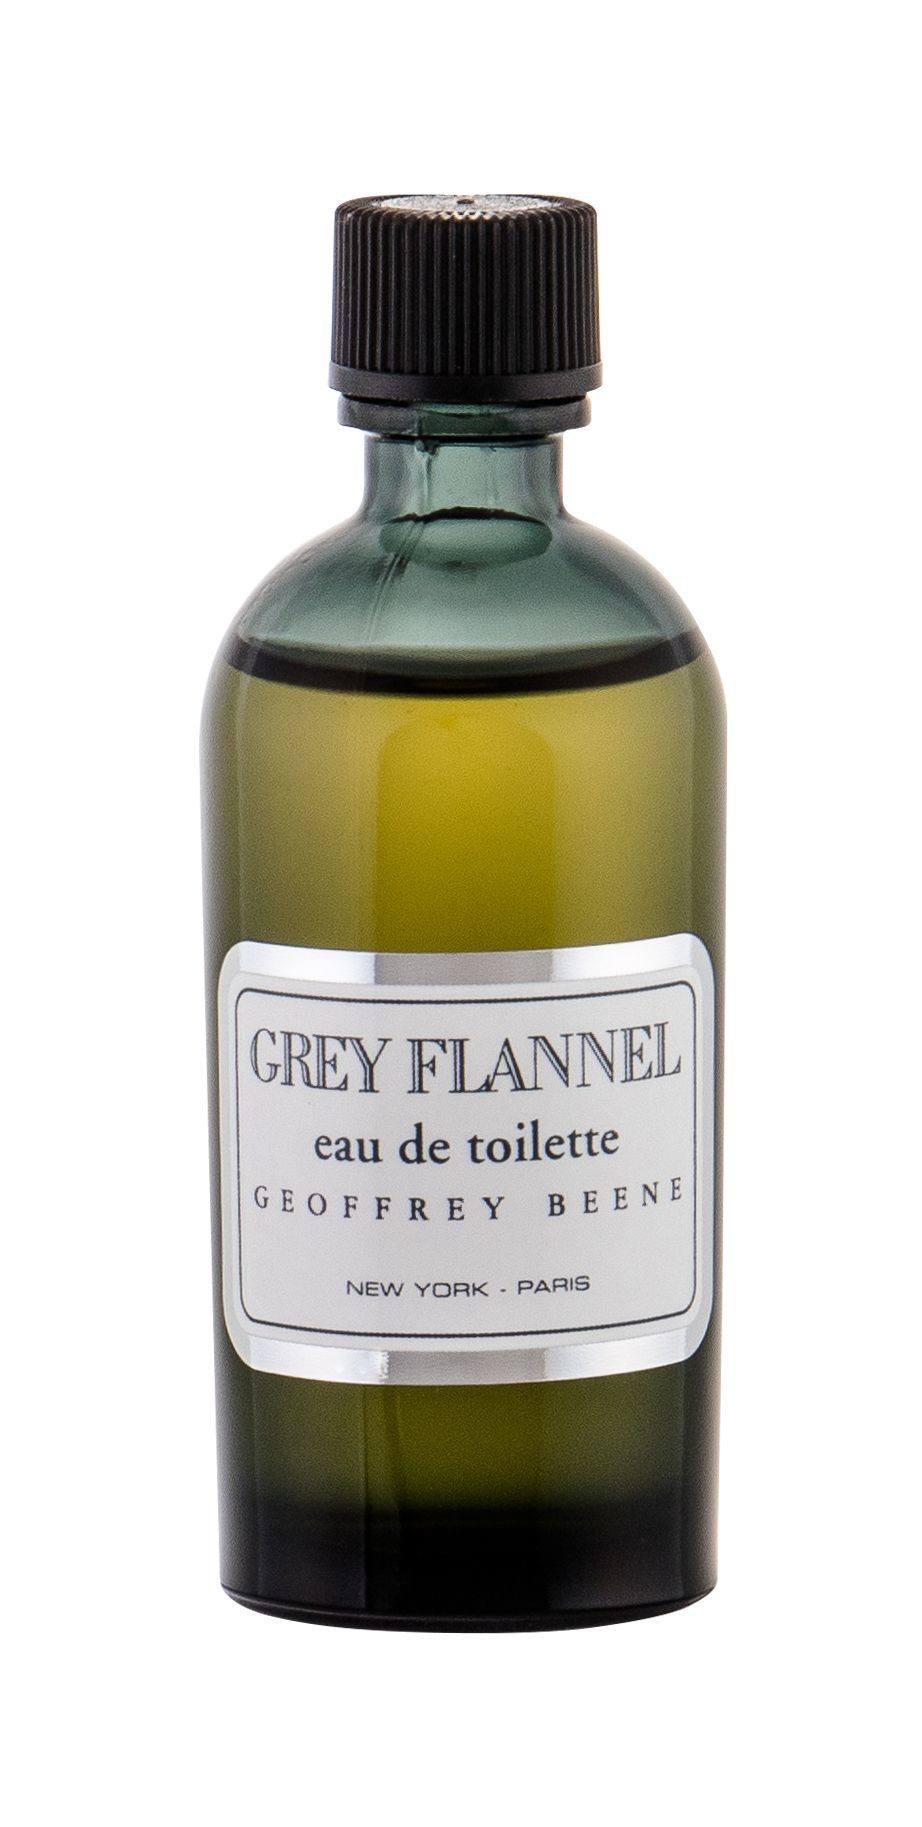 Geoffrey Beene Grey Flannel Eau de Toilette 15ml